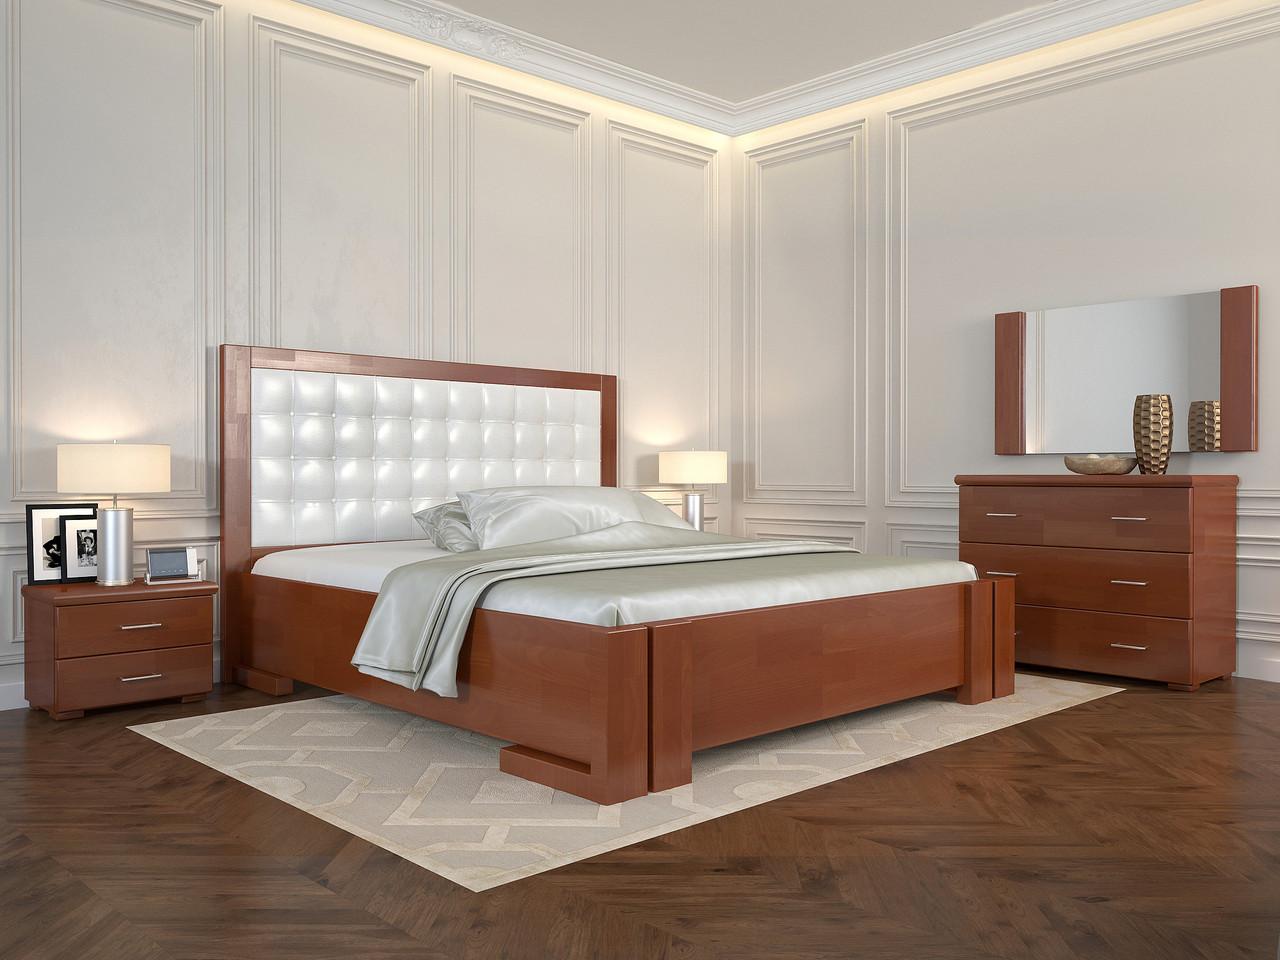 Кровать с механизмом Arbordrev Амбер квадраты (180*190) бук